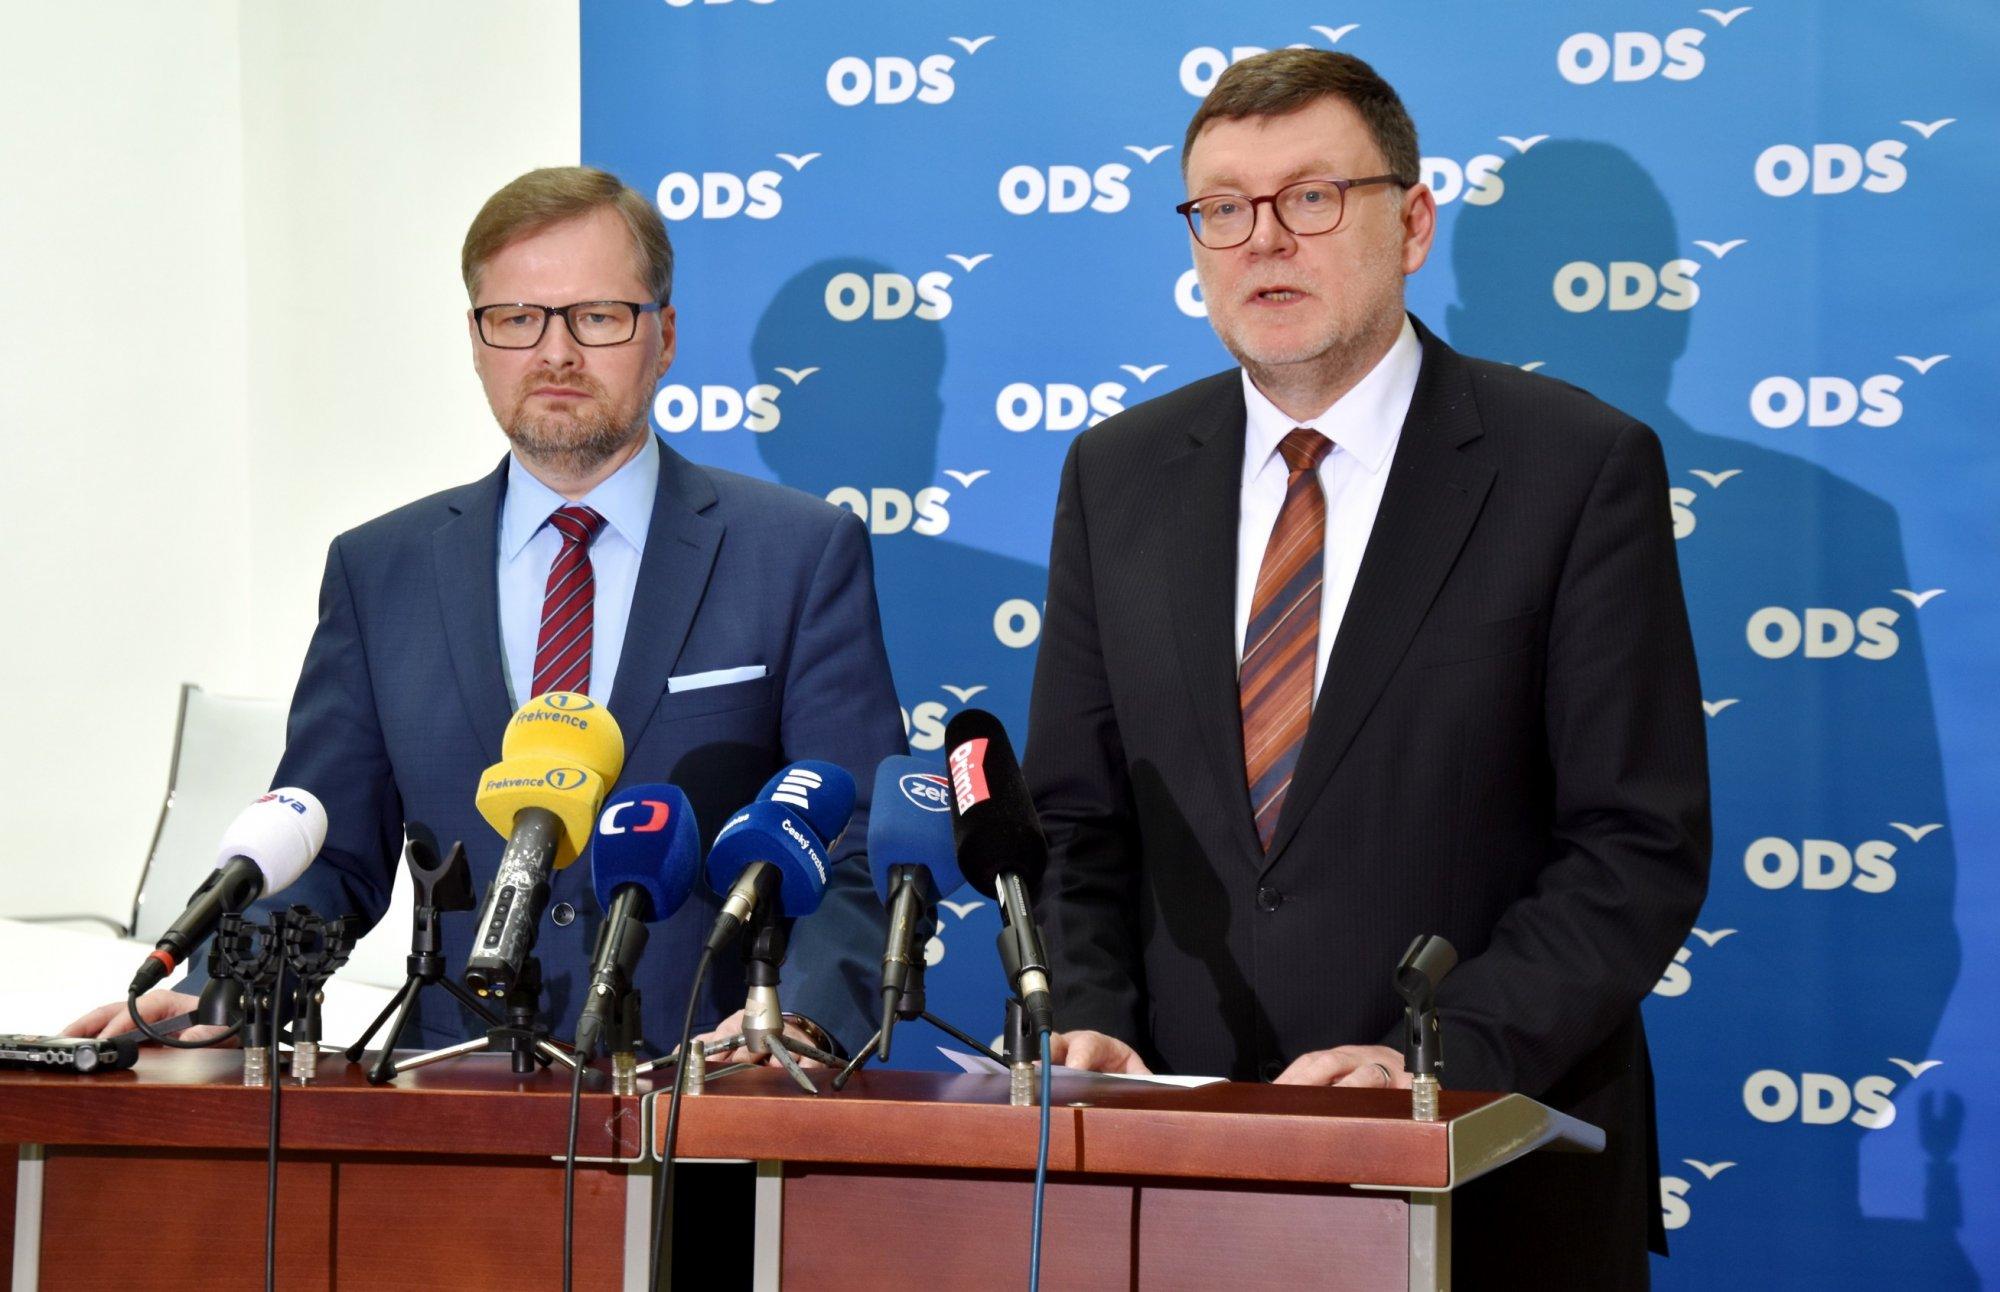 Navrhujeme zřízení parlamentní komise pro hodnocení účinnosti vládní pomoci